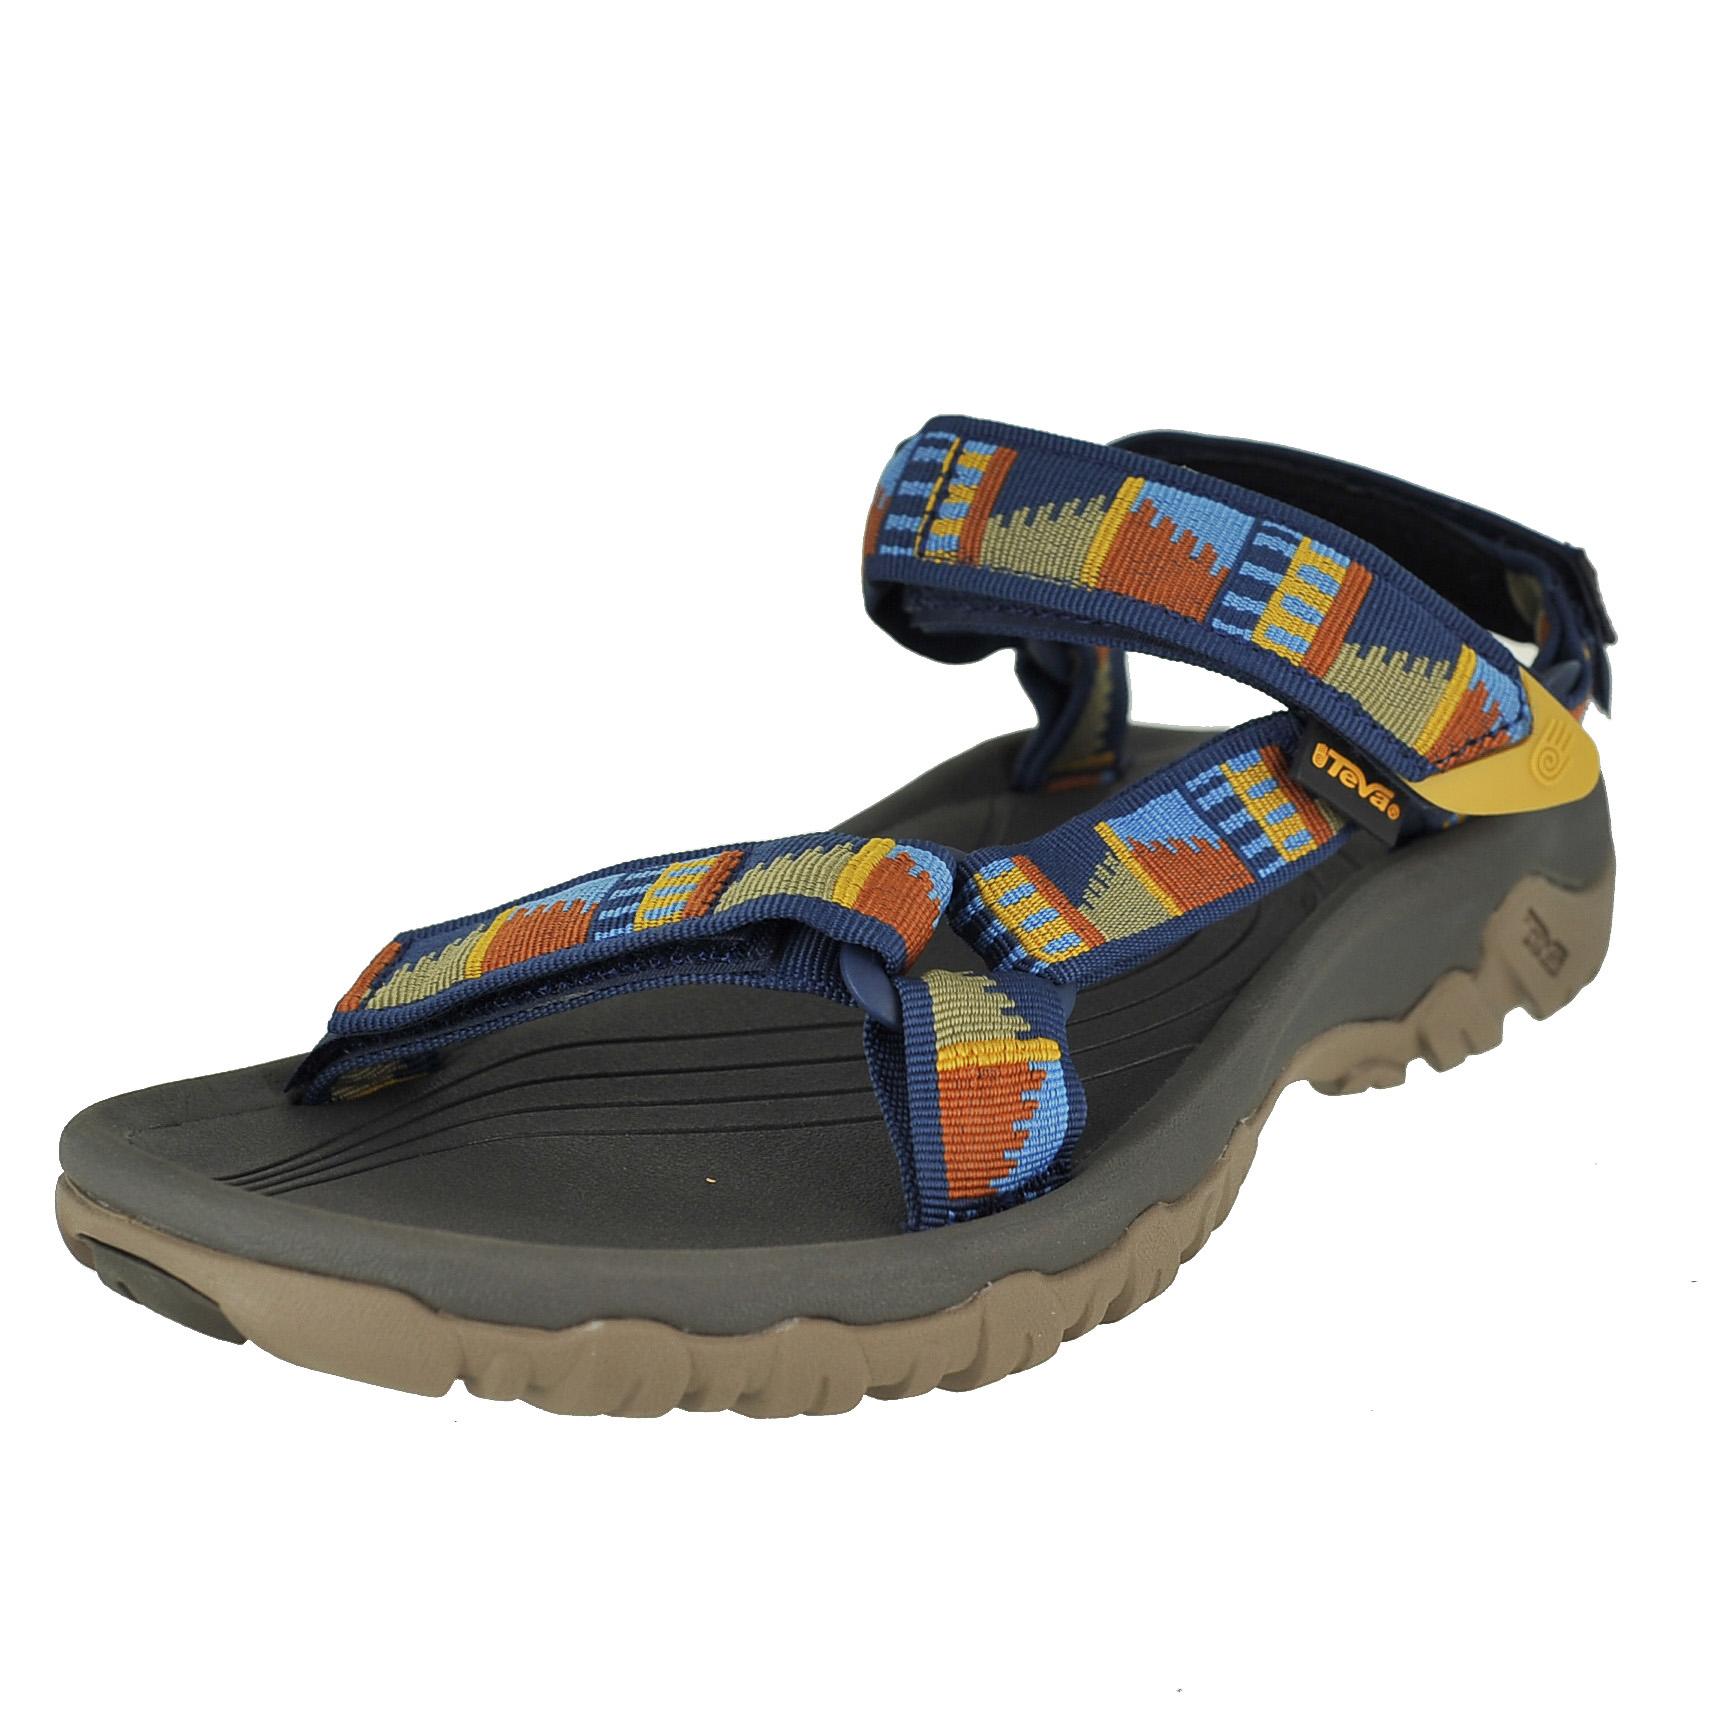 Teva Hurricane Xlt Peaks Navy Mens Sport Sandals Size 10m